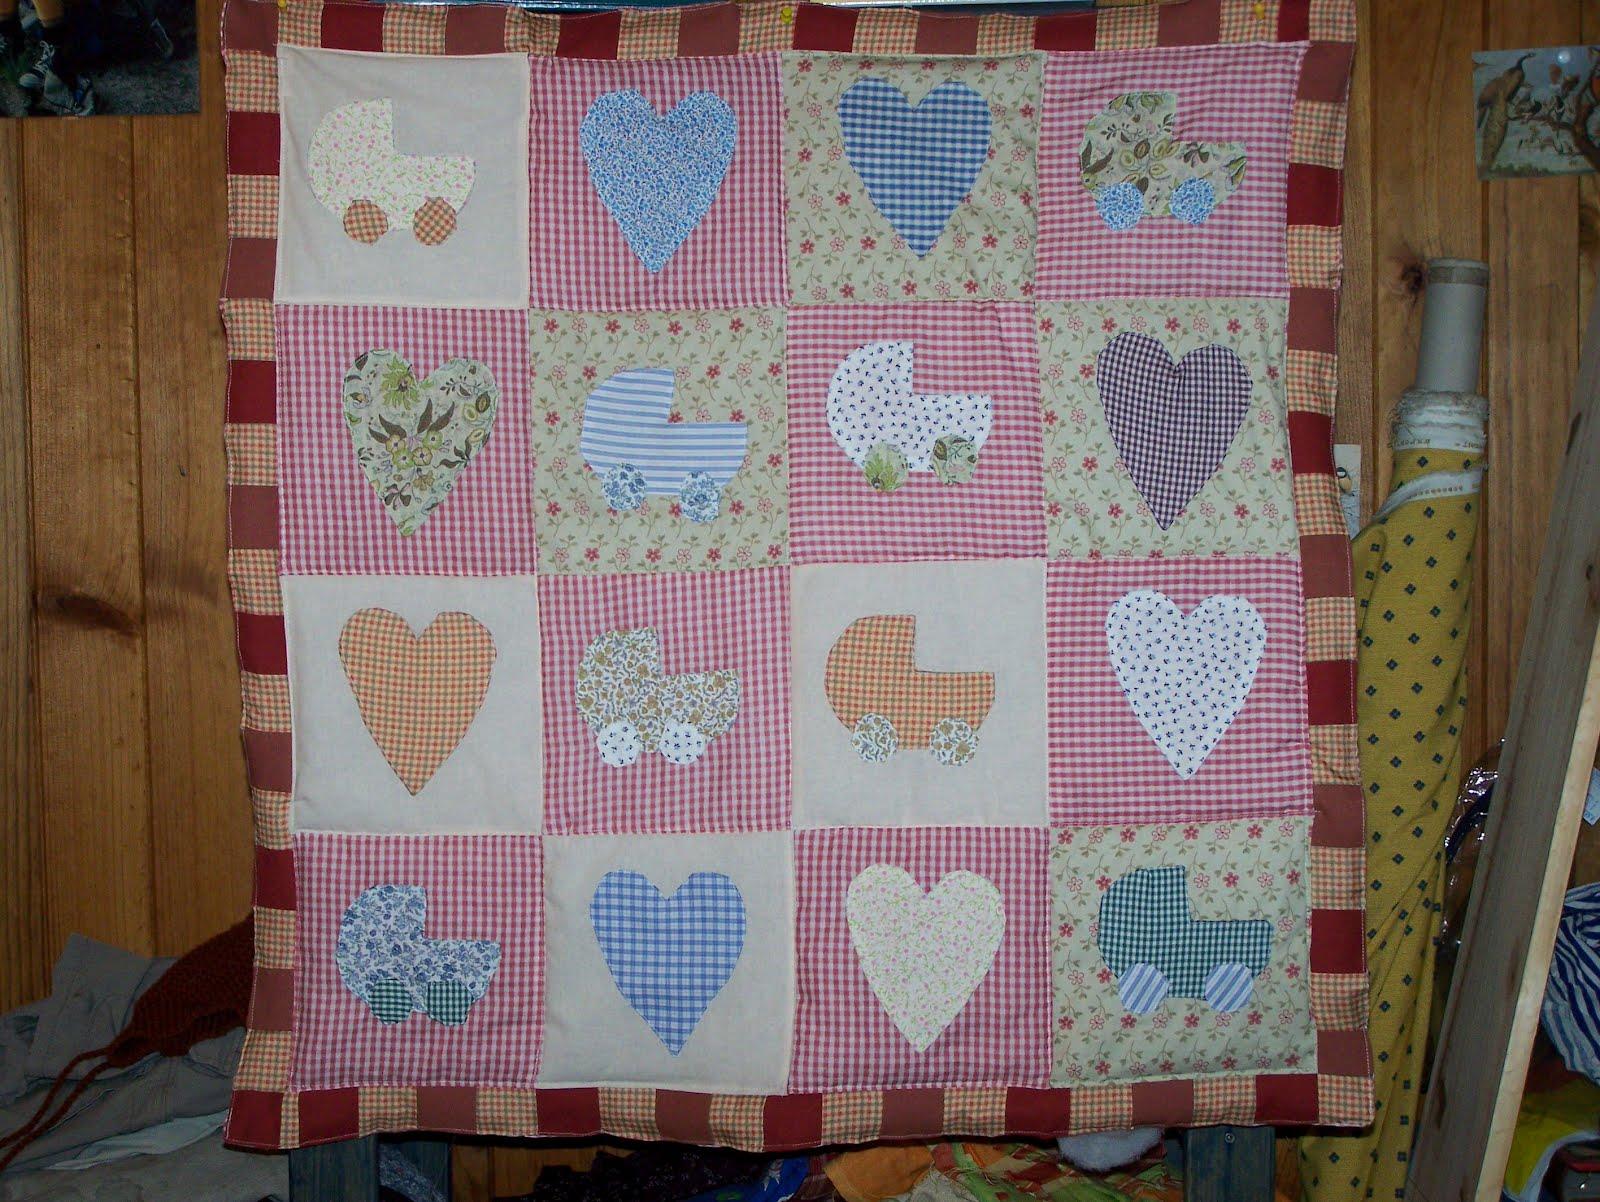 La petite maison de patchwork colcha bebe - Patrones para colchas de patchwork ...